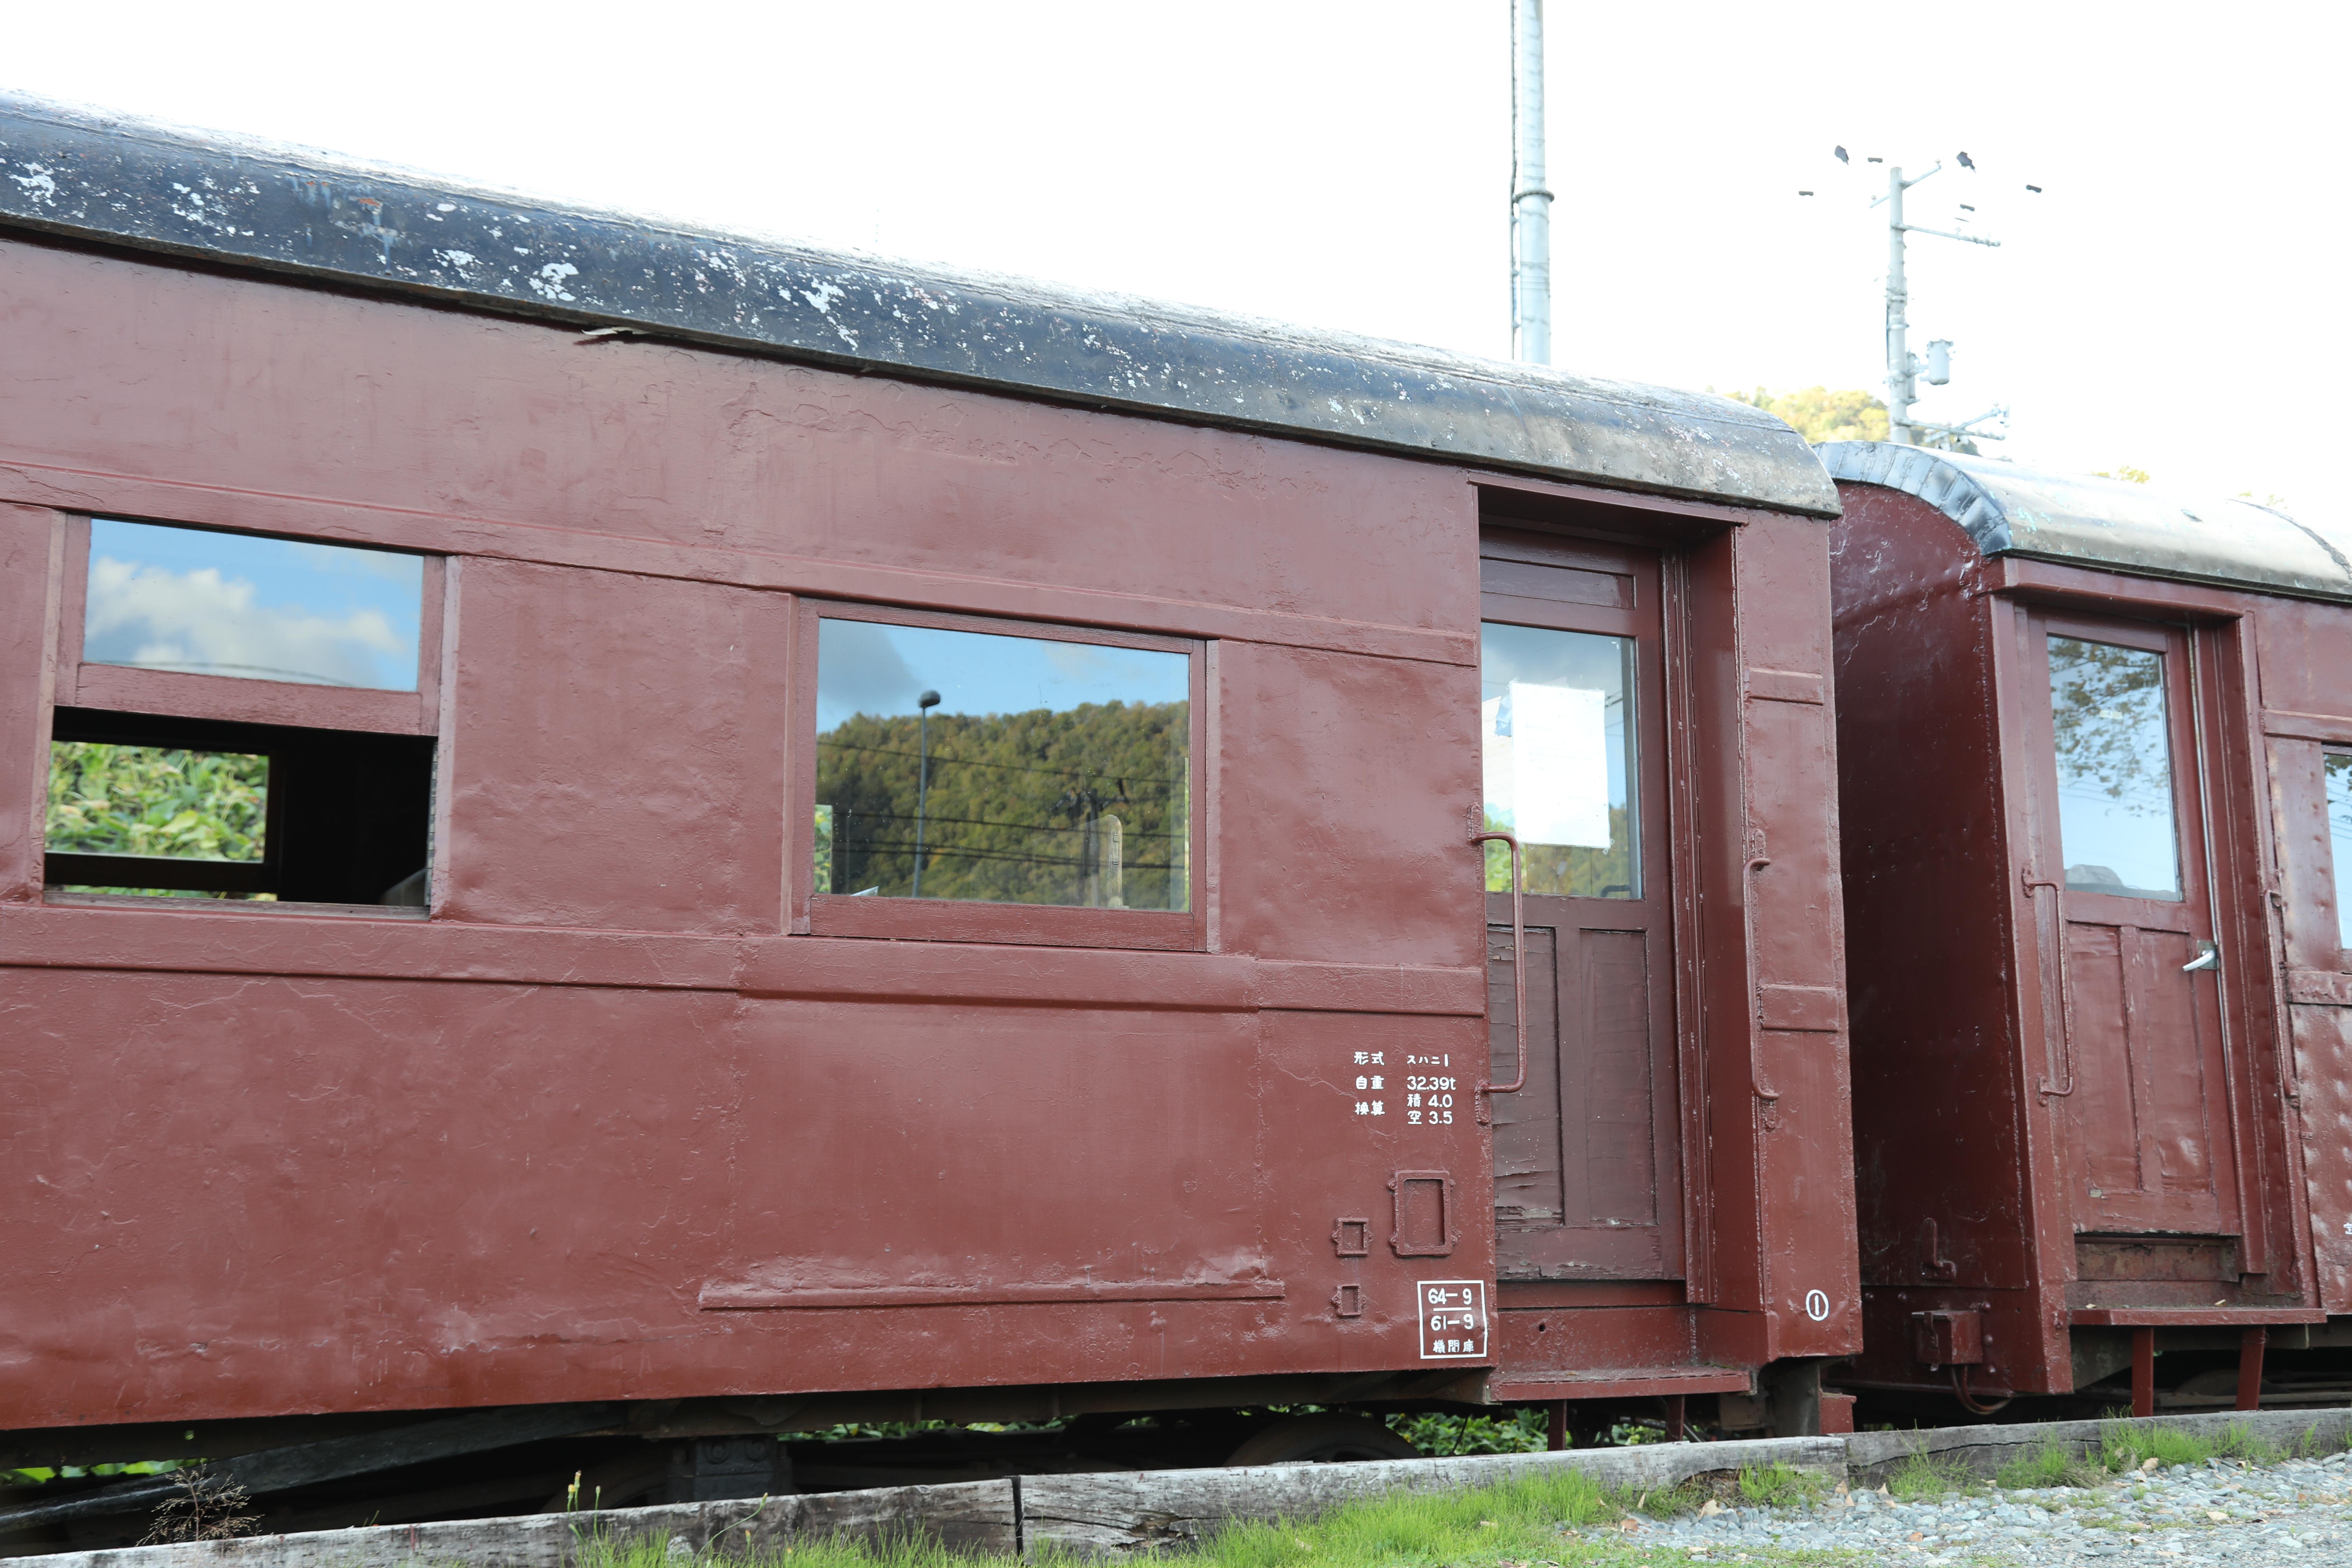 http://ayu2.com/train/trainphoto/180929%E5%A4%A7%E5%A4%95%E5%BC%B5%E4%BF%9D%E5%AD%98%E5%AE%A2%E8%BB%8A017.JPG